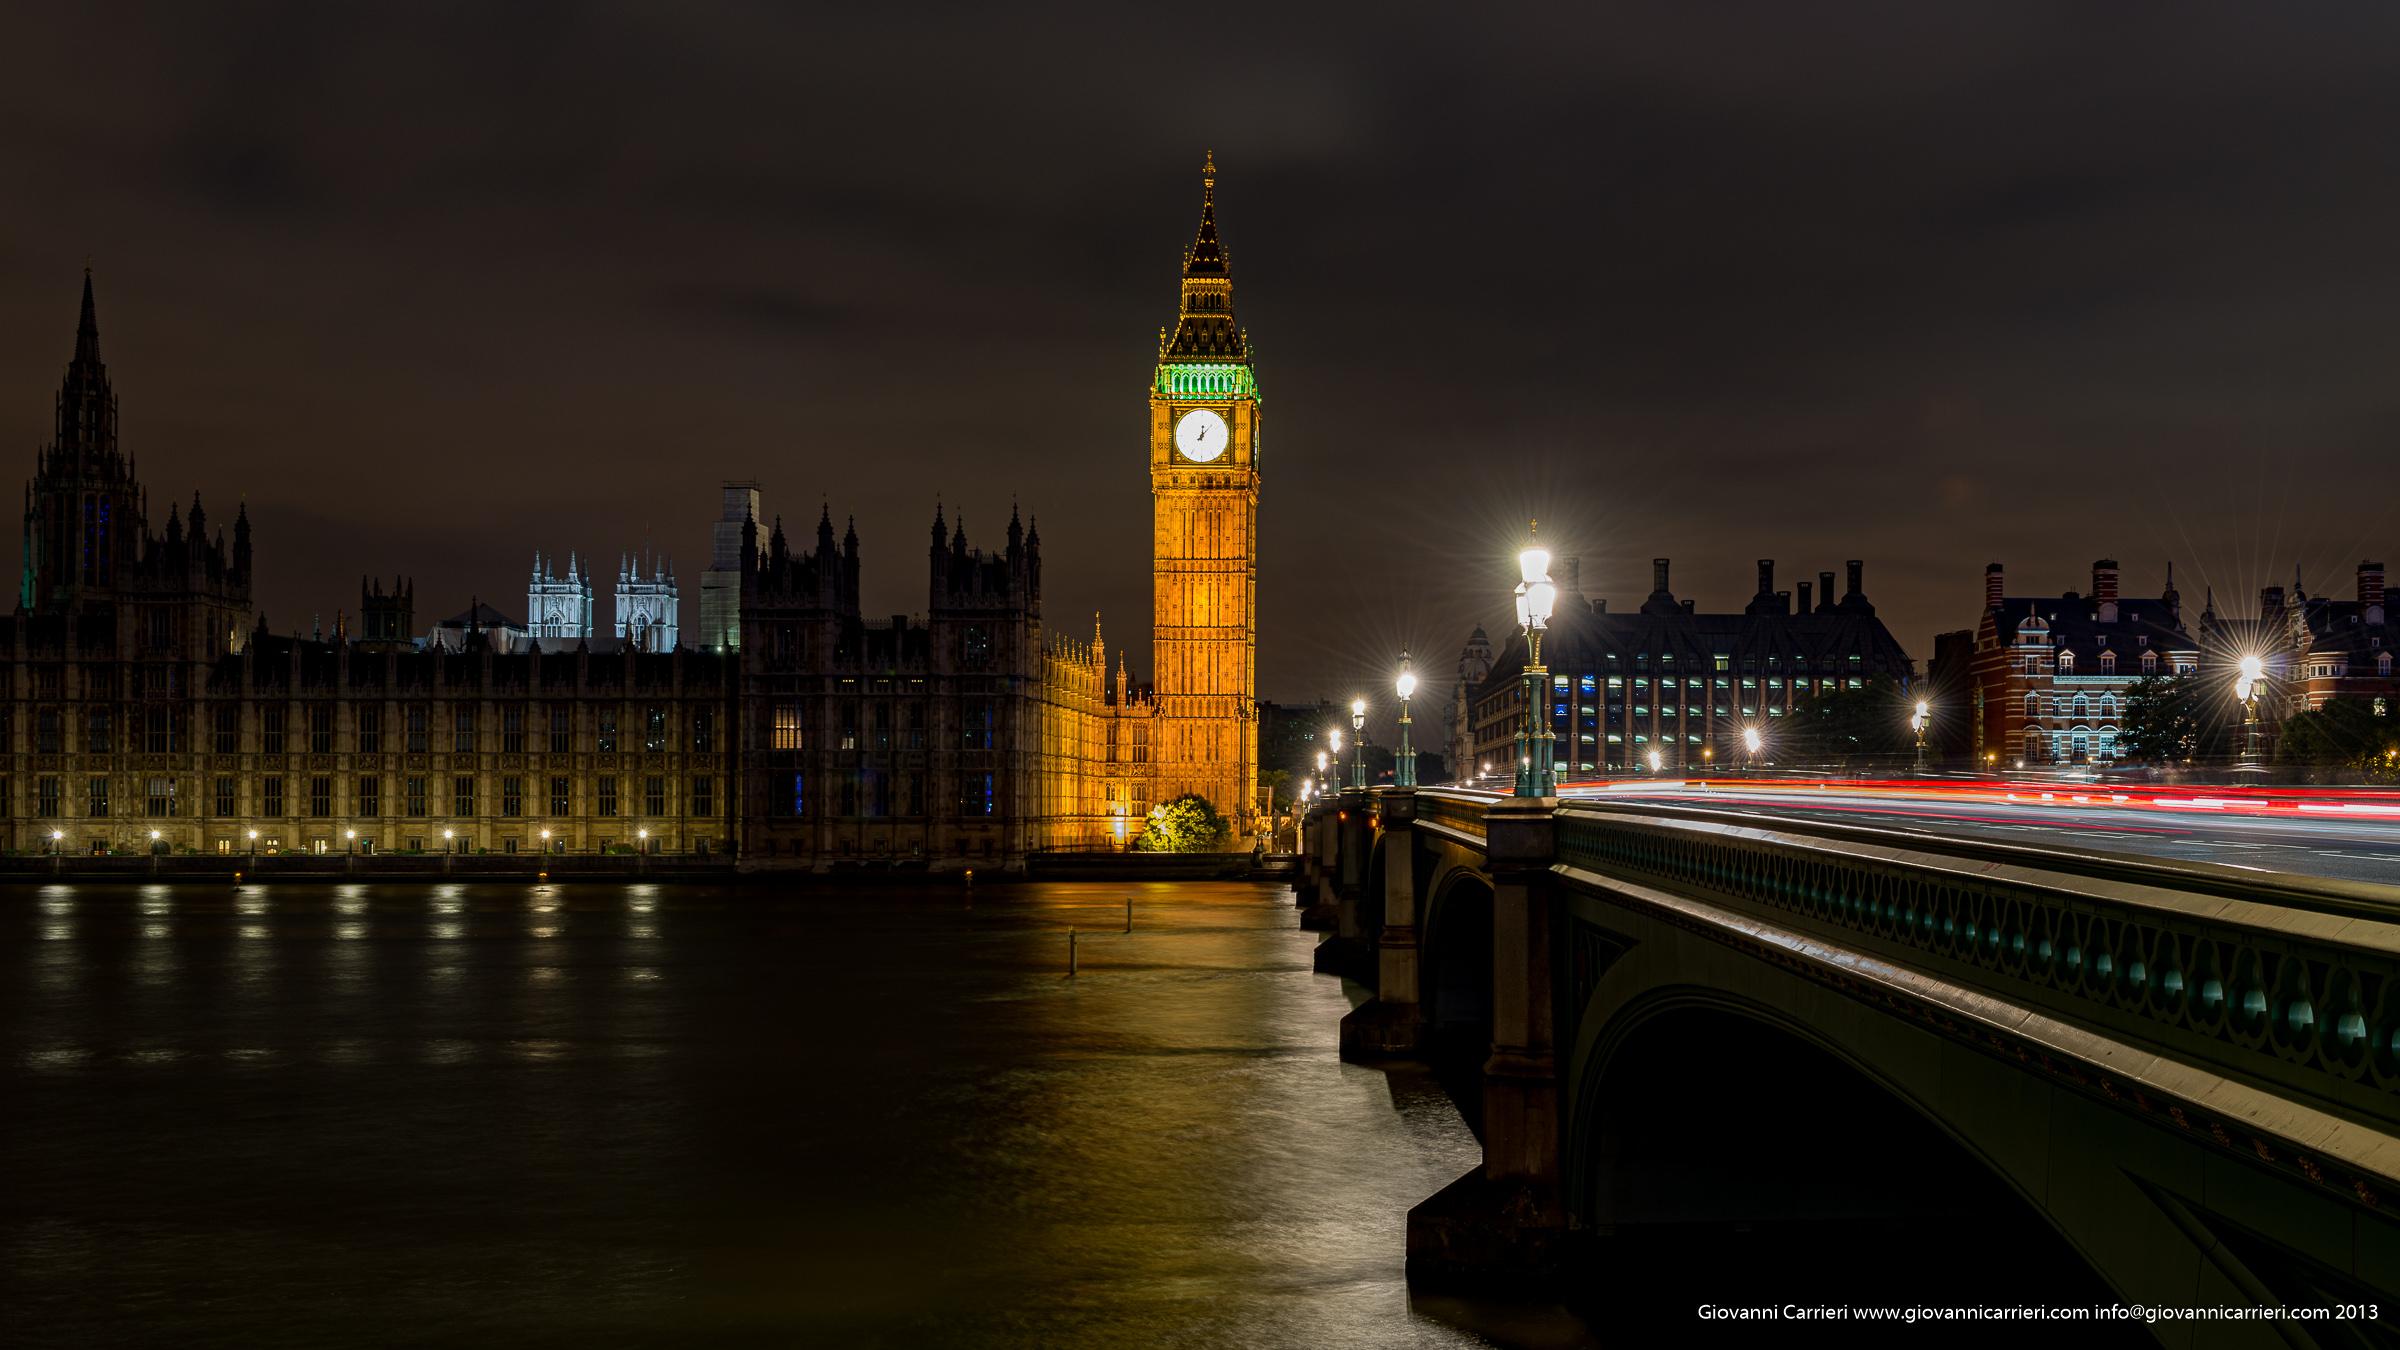 Vista notturna del Big Ben